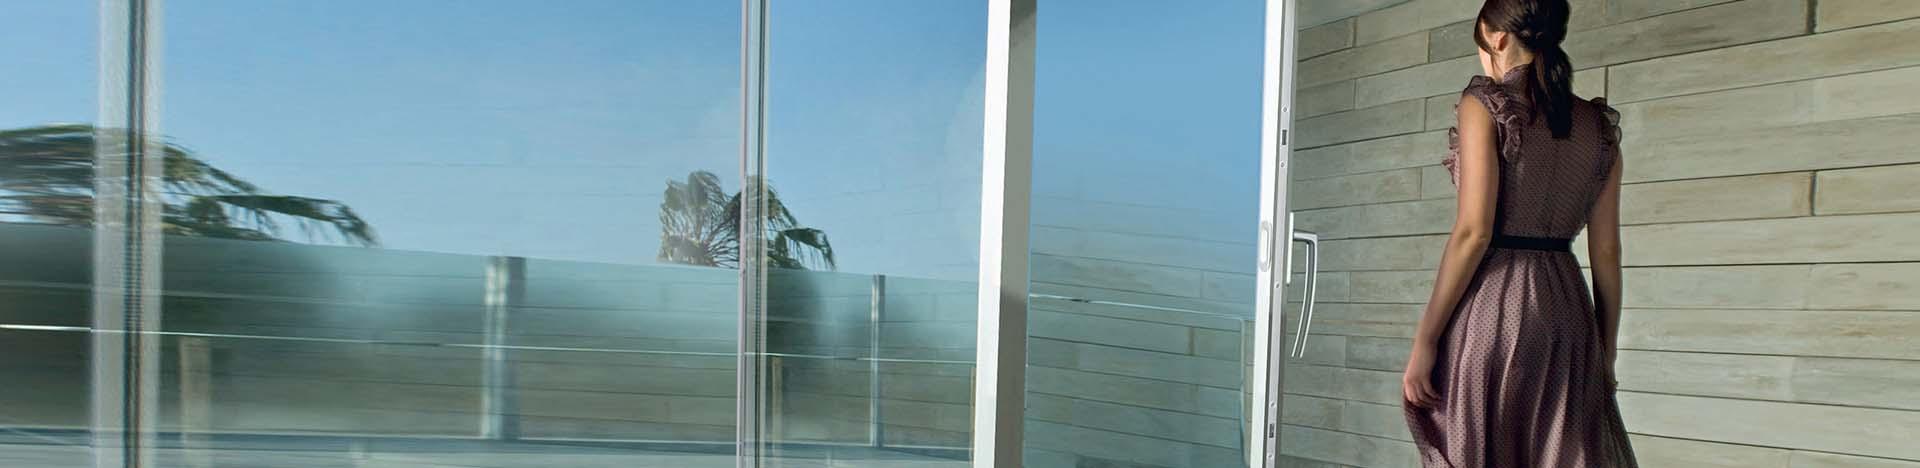 Mukund Windows & Glaze System Pvt. Ltd.